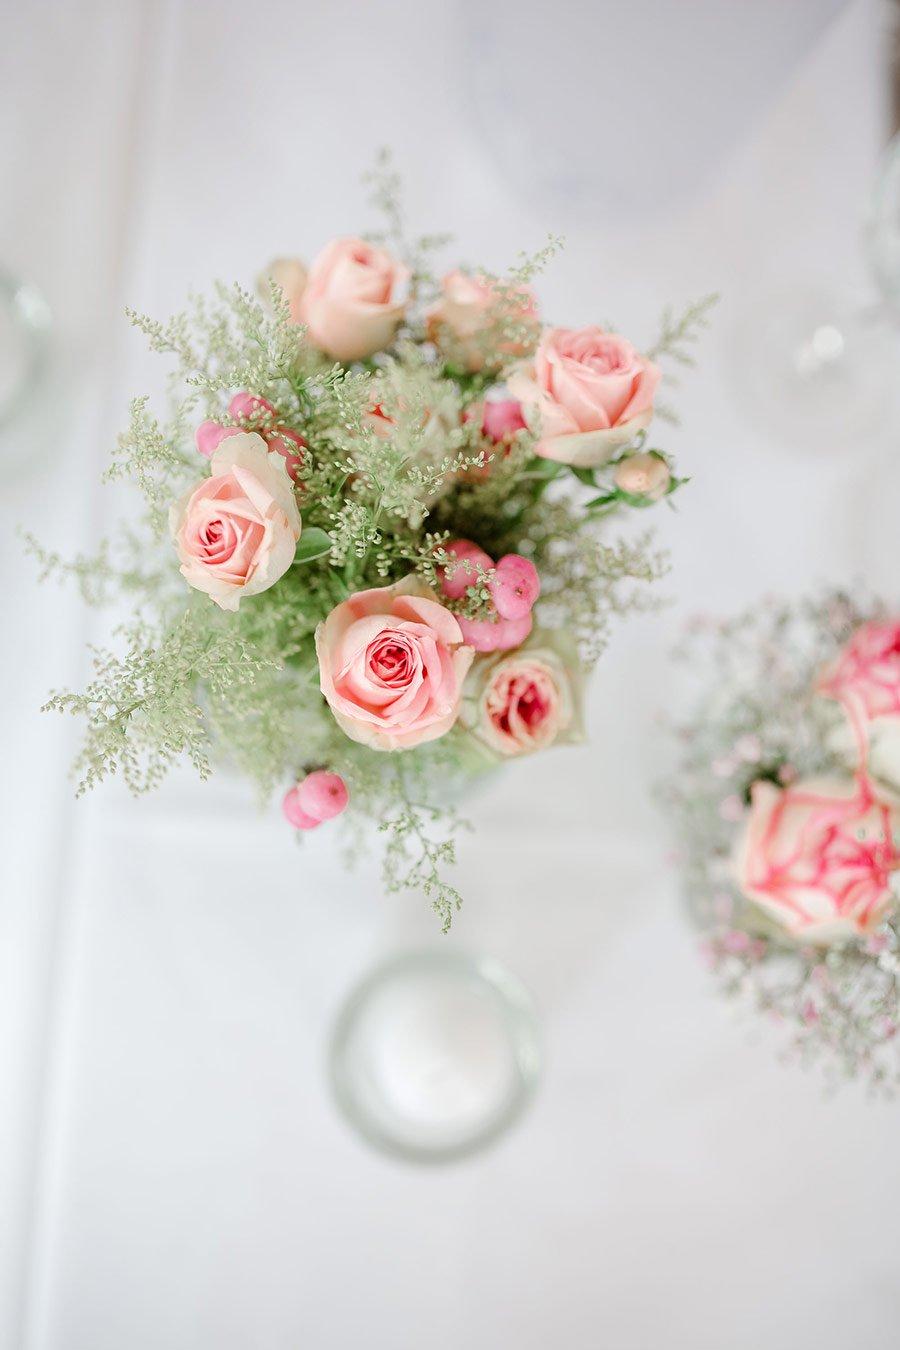 Heiraten-im-Dresdner-Zwinger-So-schoen-kann-dort-eine-Hochzeit-sein-43